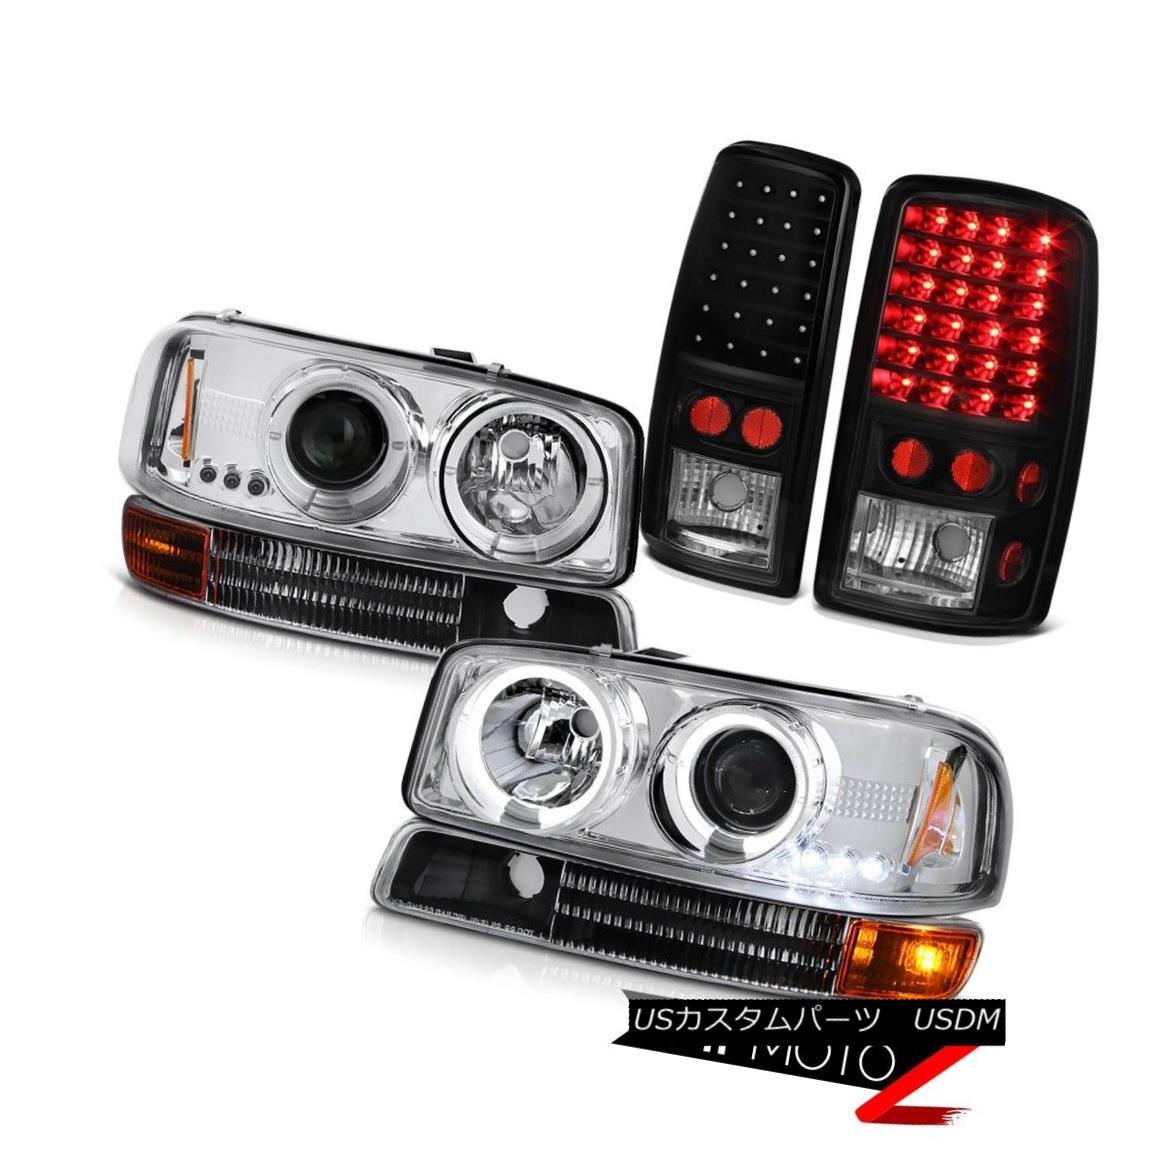 テールライト 2000 01 02 03 04 05 06 Yukon Halo LED Headlights Bumper Signal Matte Tail Lights 2000 01 02 03 04 05 06 Yukon Halo LEDヘッドライトバンパー信号マットテールライト